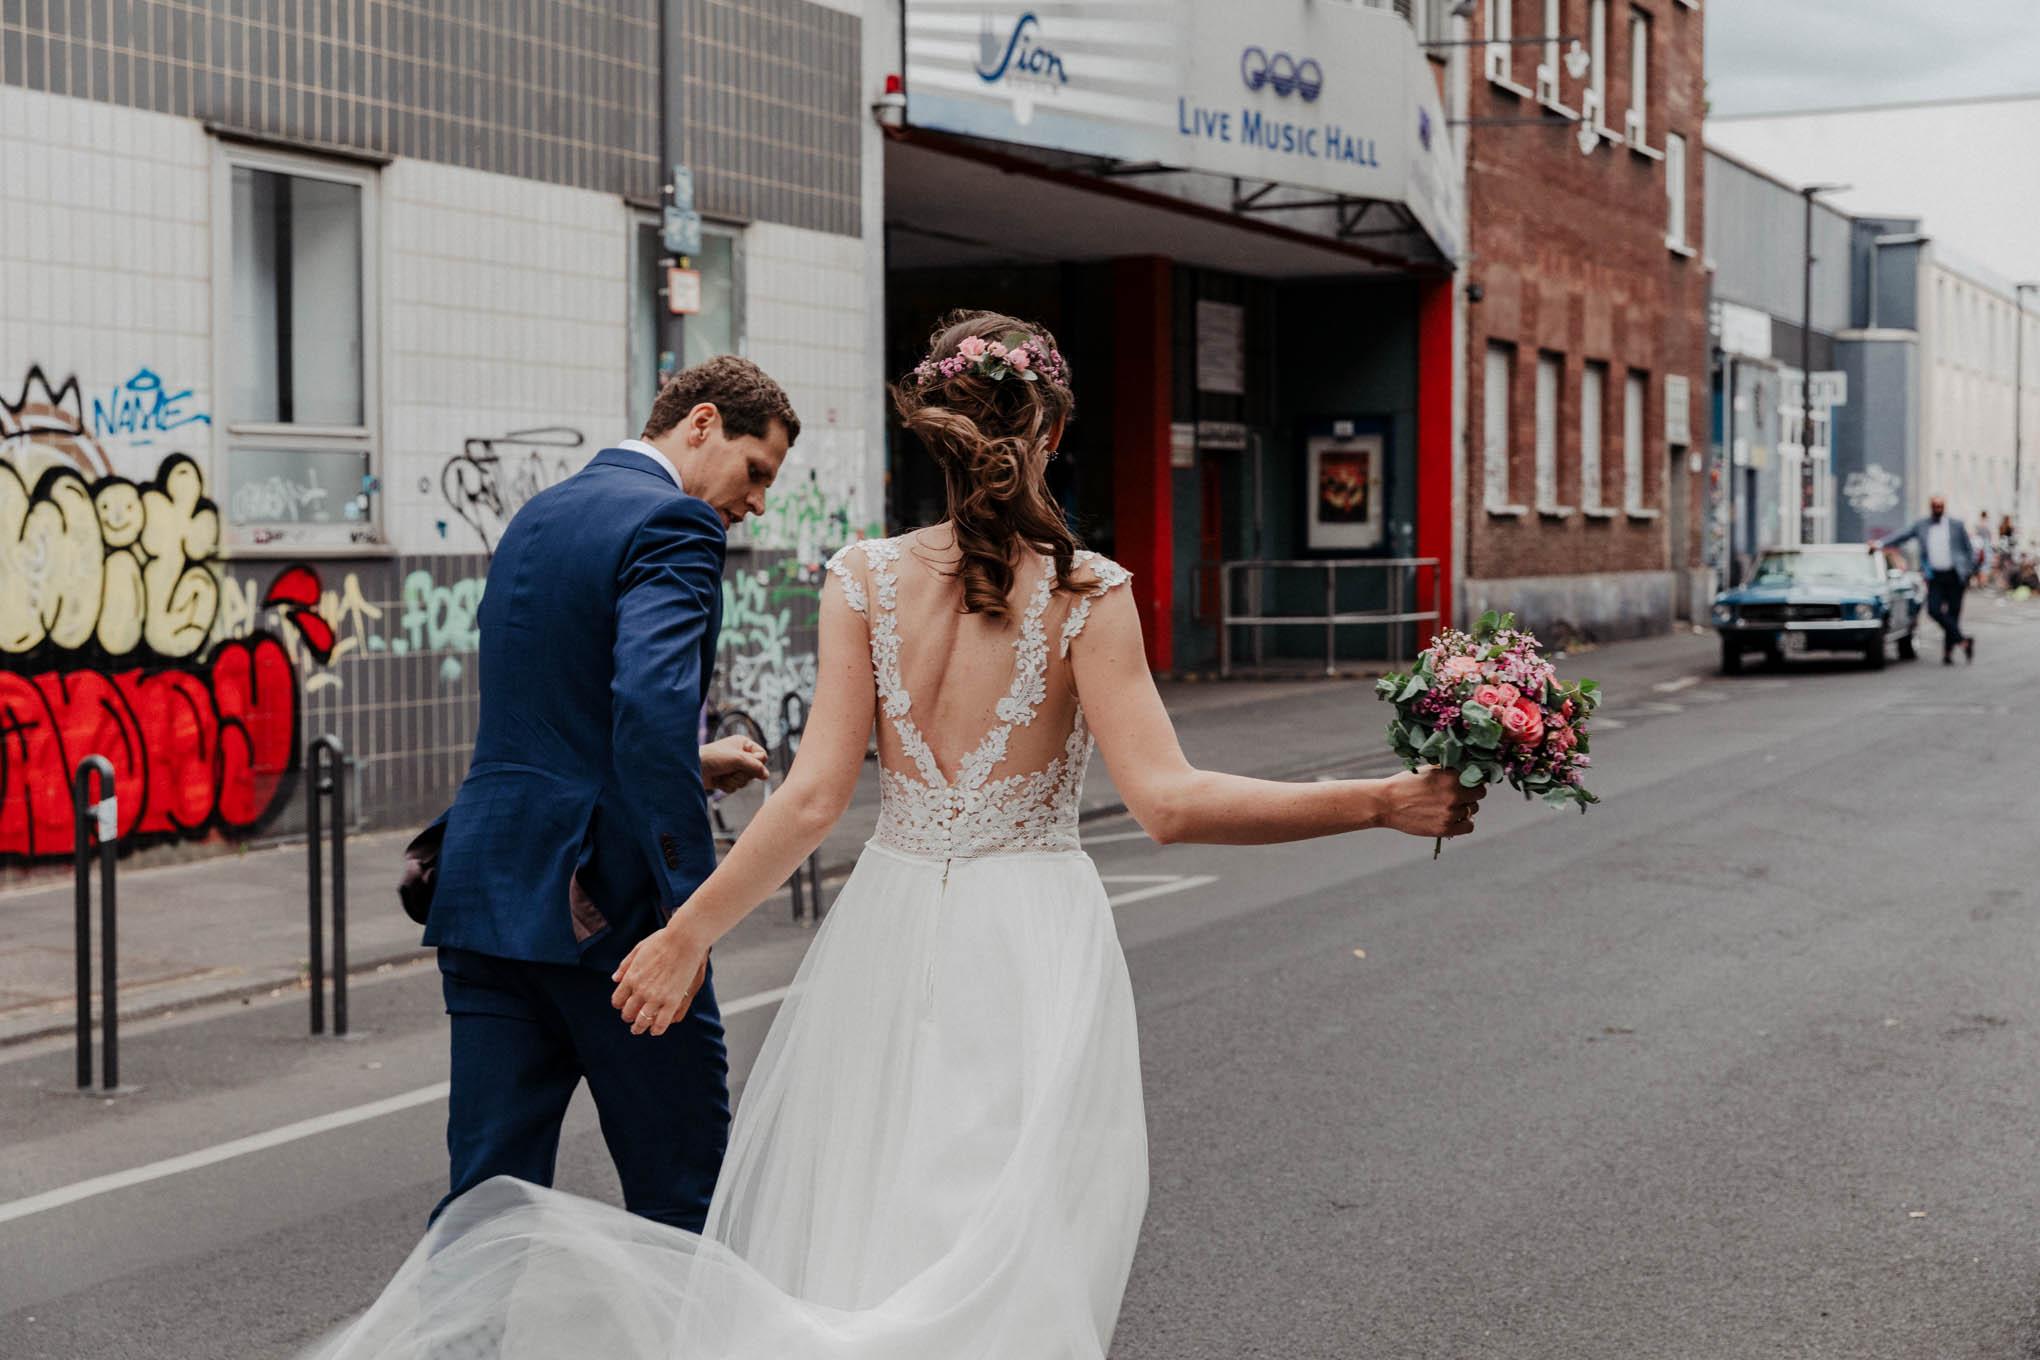 Urbanes Hochzeitsfoto in Köln Ehrenfeld